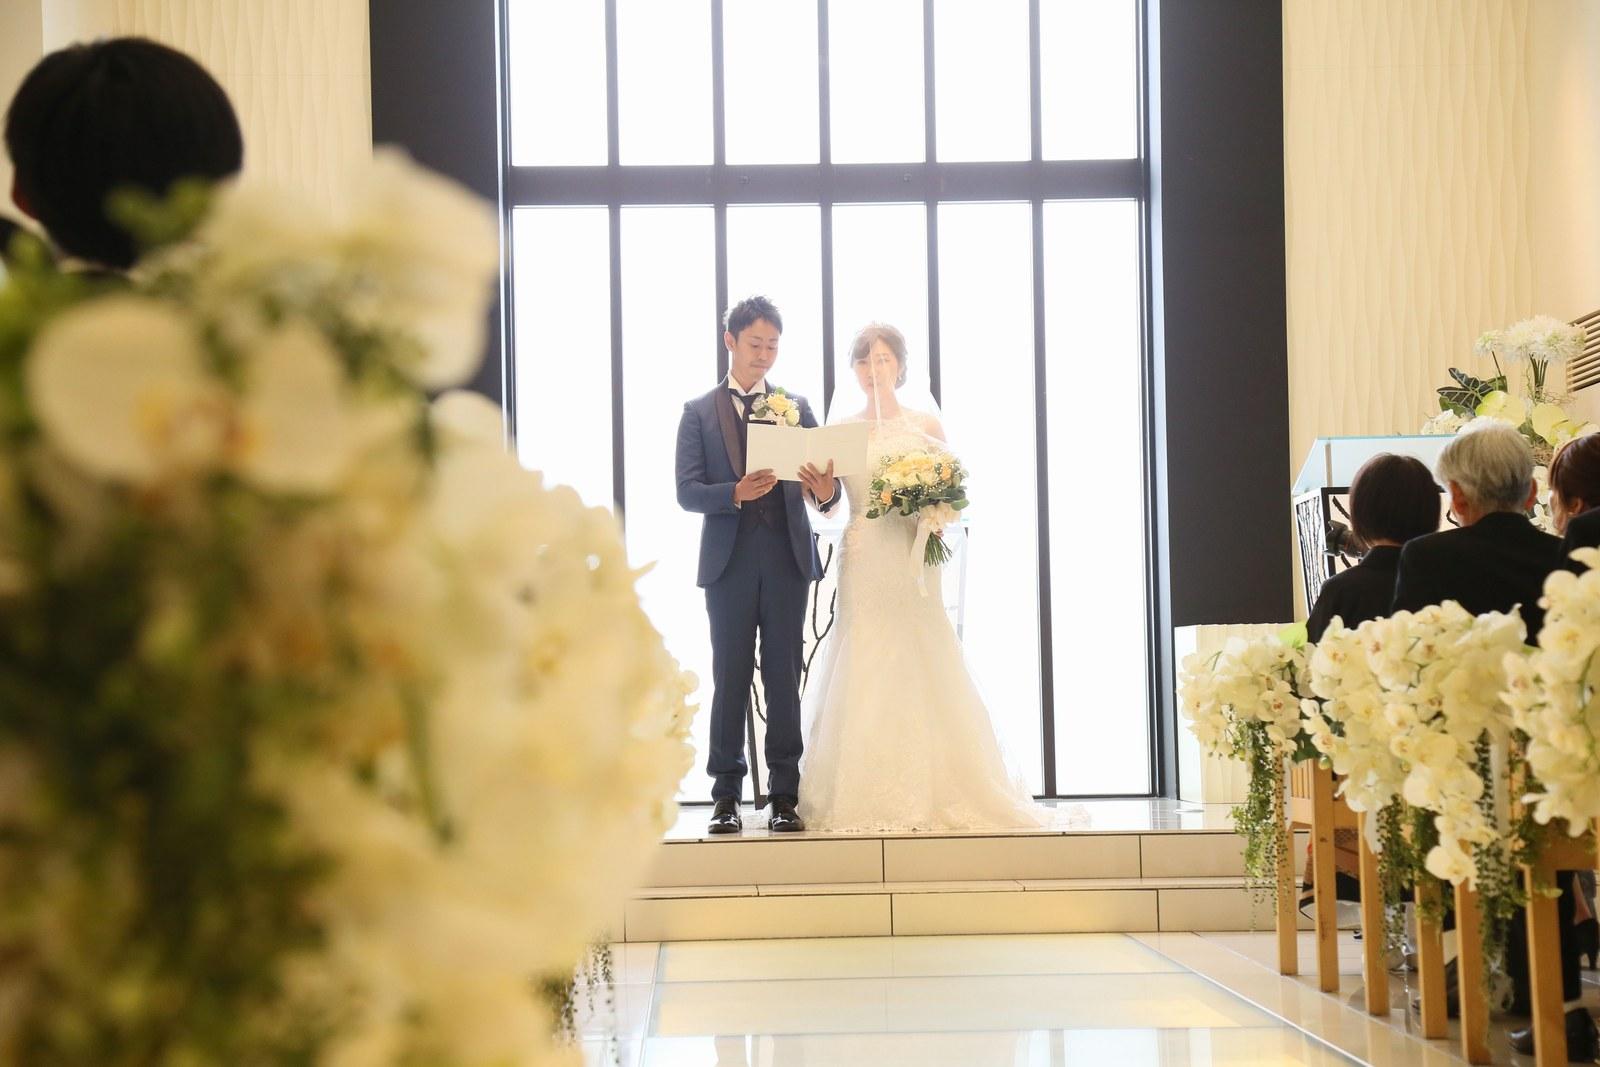 高松市の結婚式場アイルバレクラブの結婚式 ゲストの皆様の前で、お二人の誓いの言葉